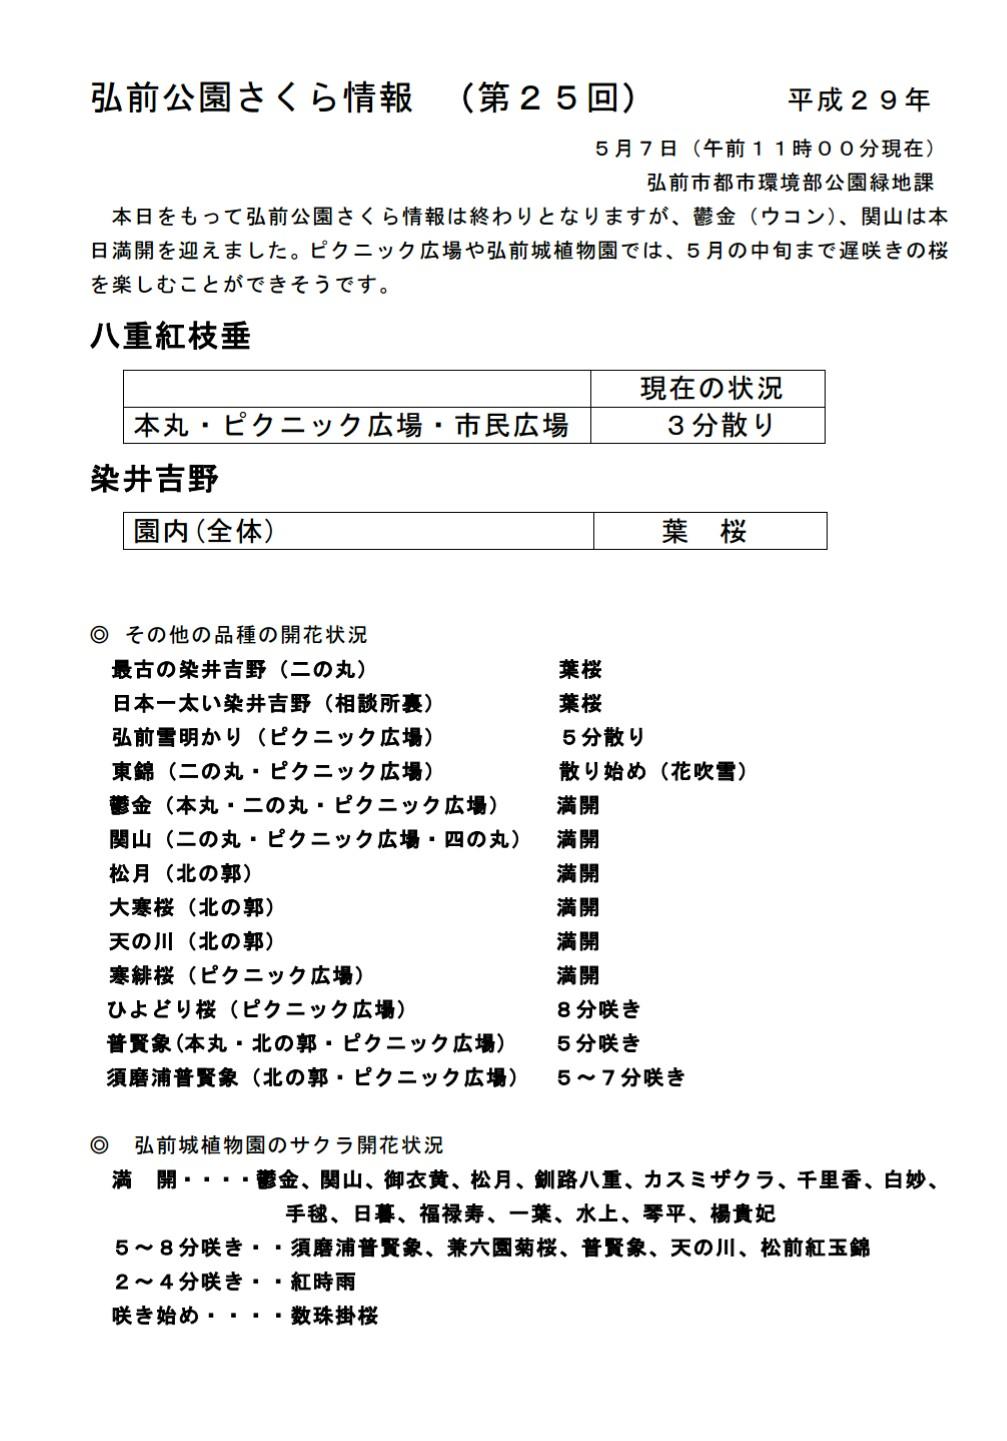 2017/5/7さくら情報